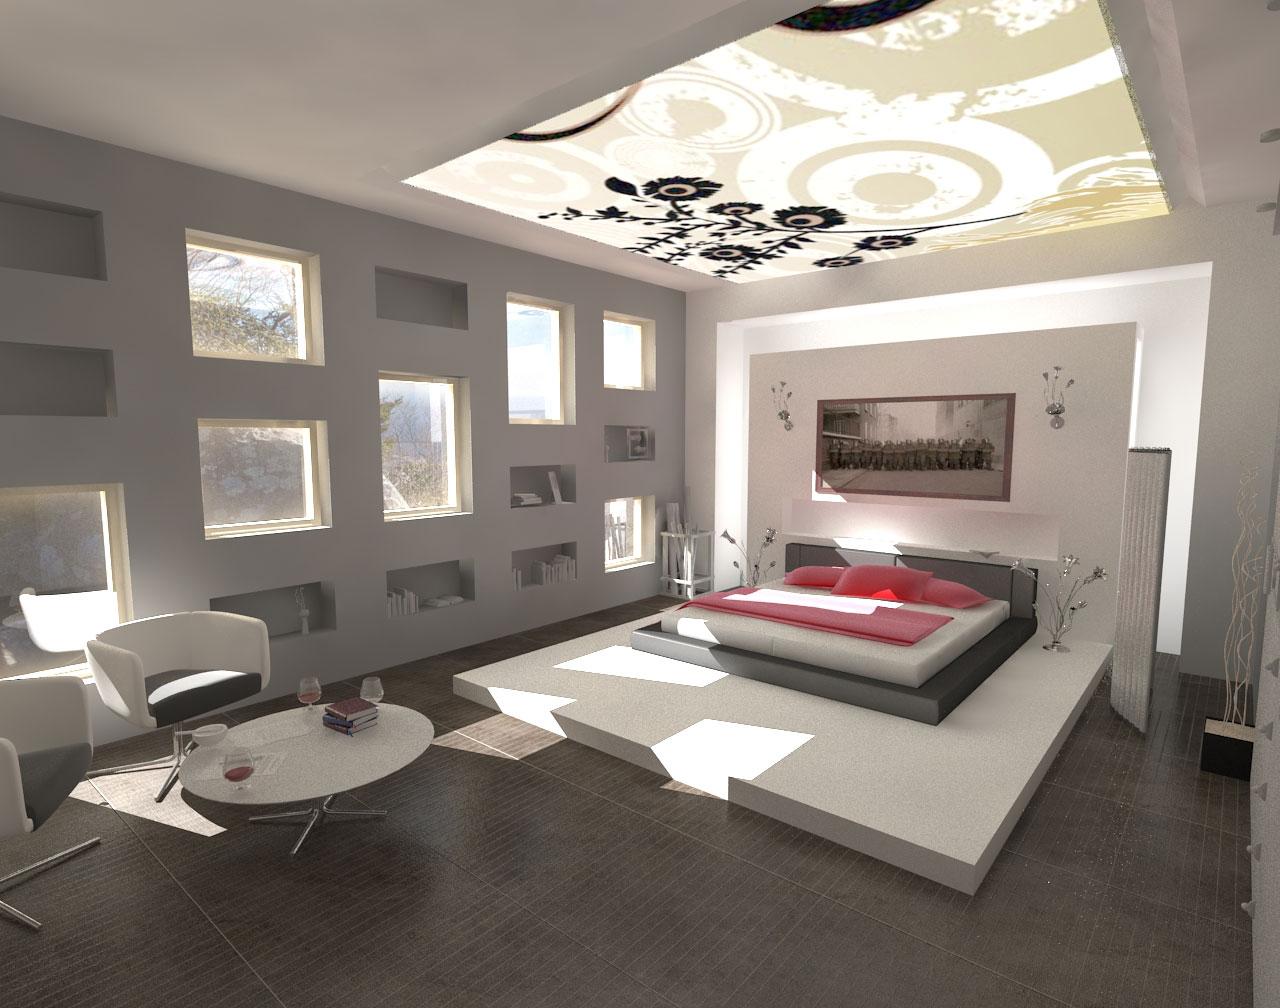 Aneka inspirasi 15 Desain Interior Kamar Mandi Minimalis 2015 yang elegan